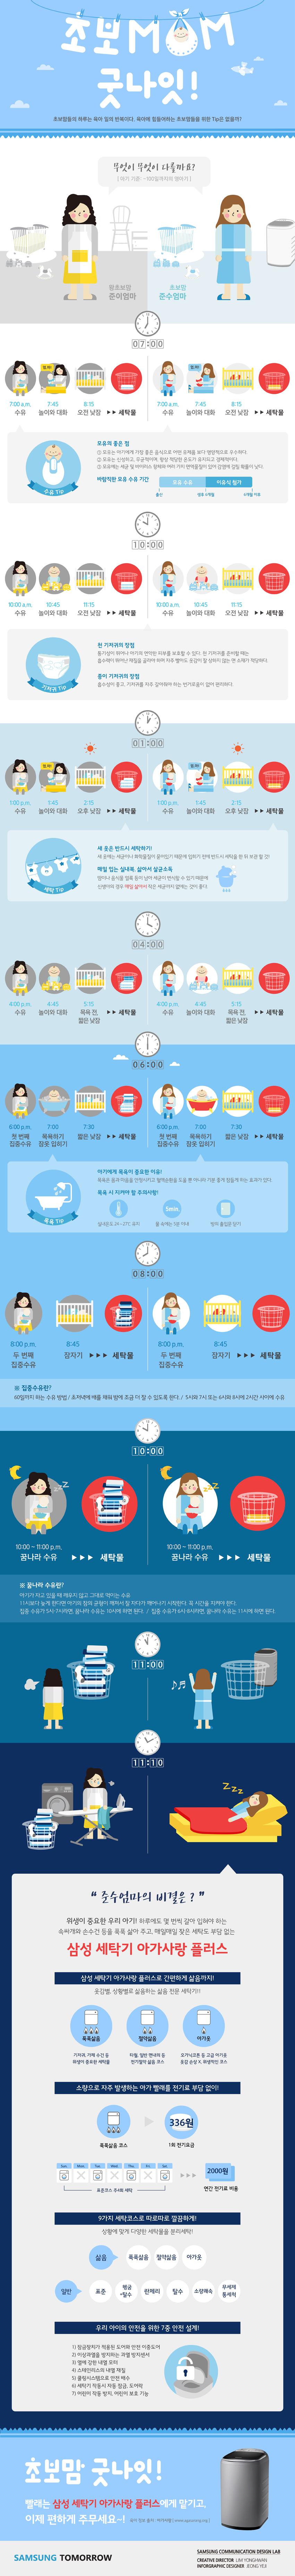 삼성 아가사랑세탁기 인포그래픽